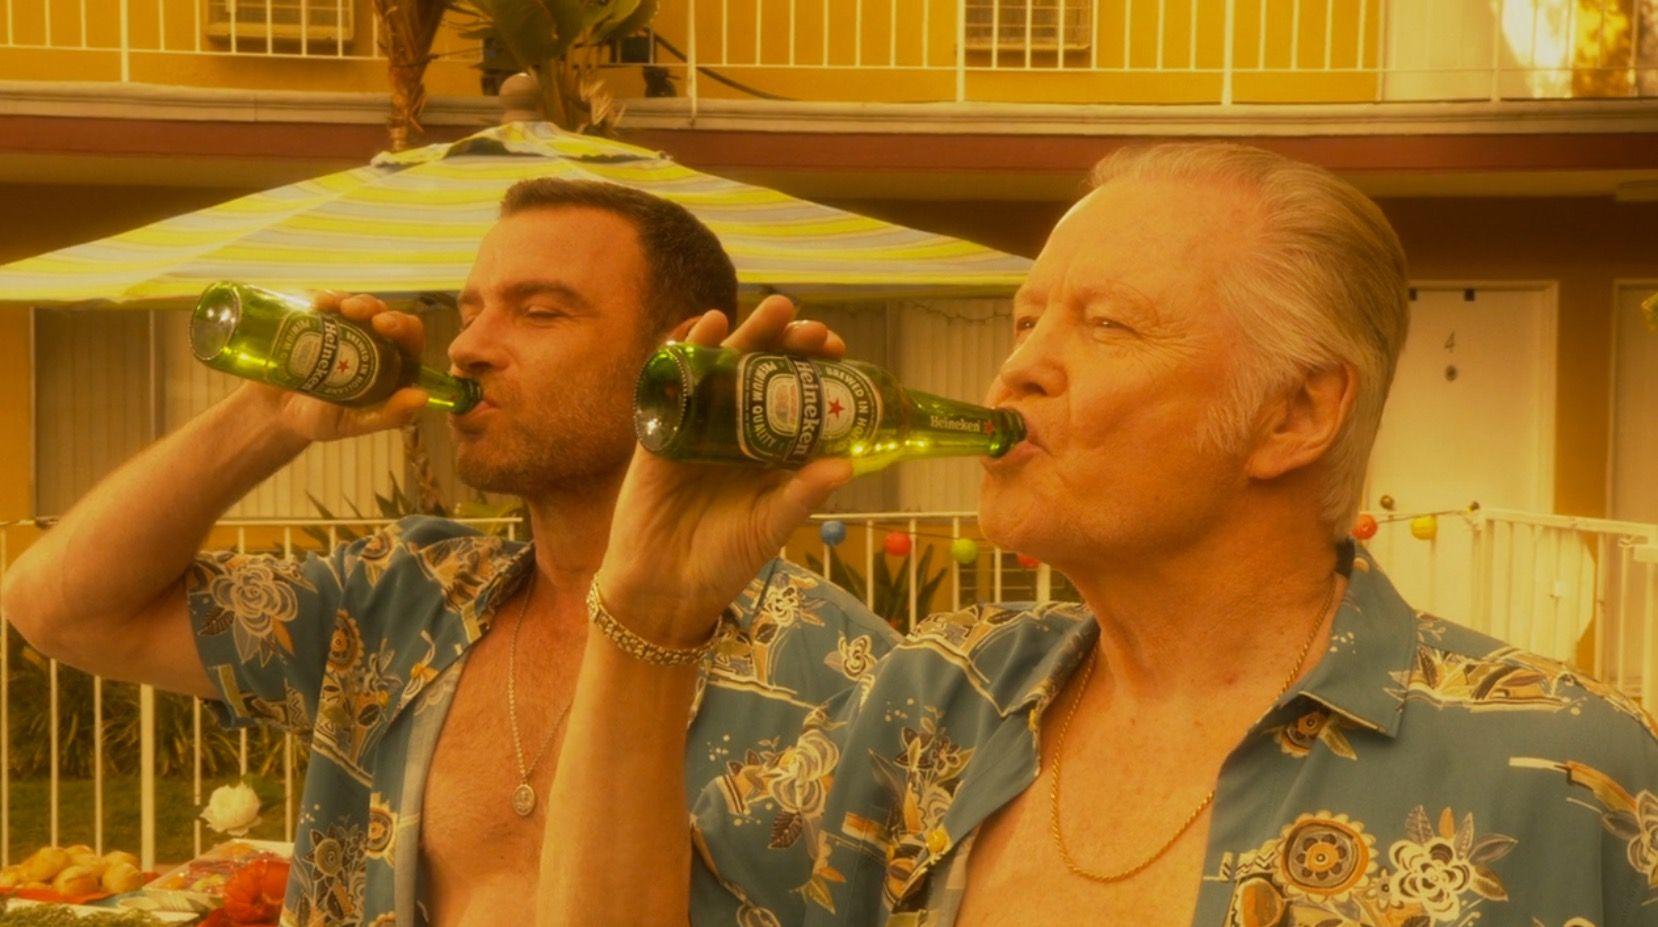 Heineken beers drunk by Liev Schreiber and Jon Voight in ...